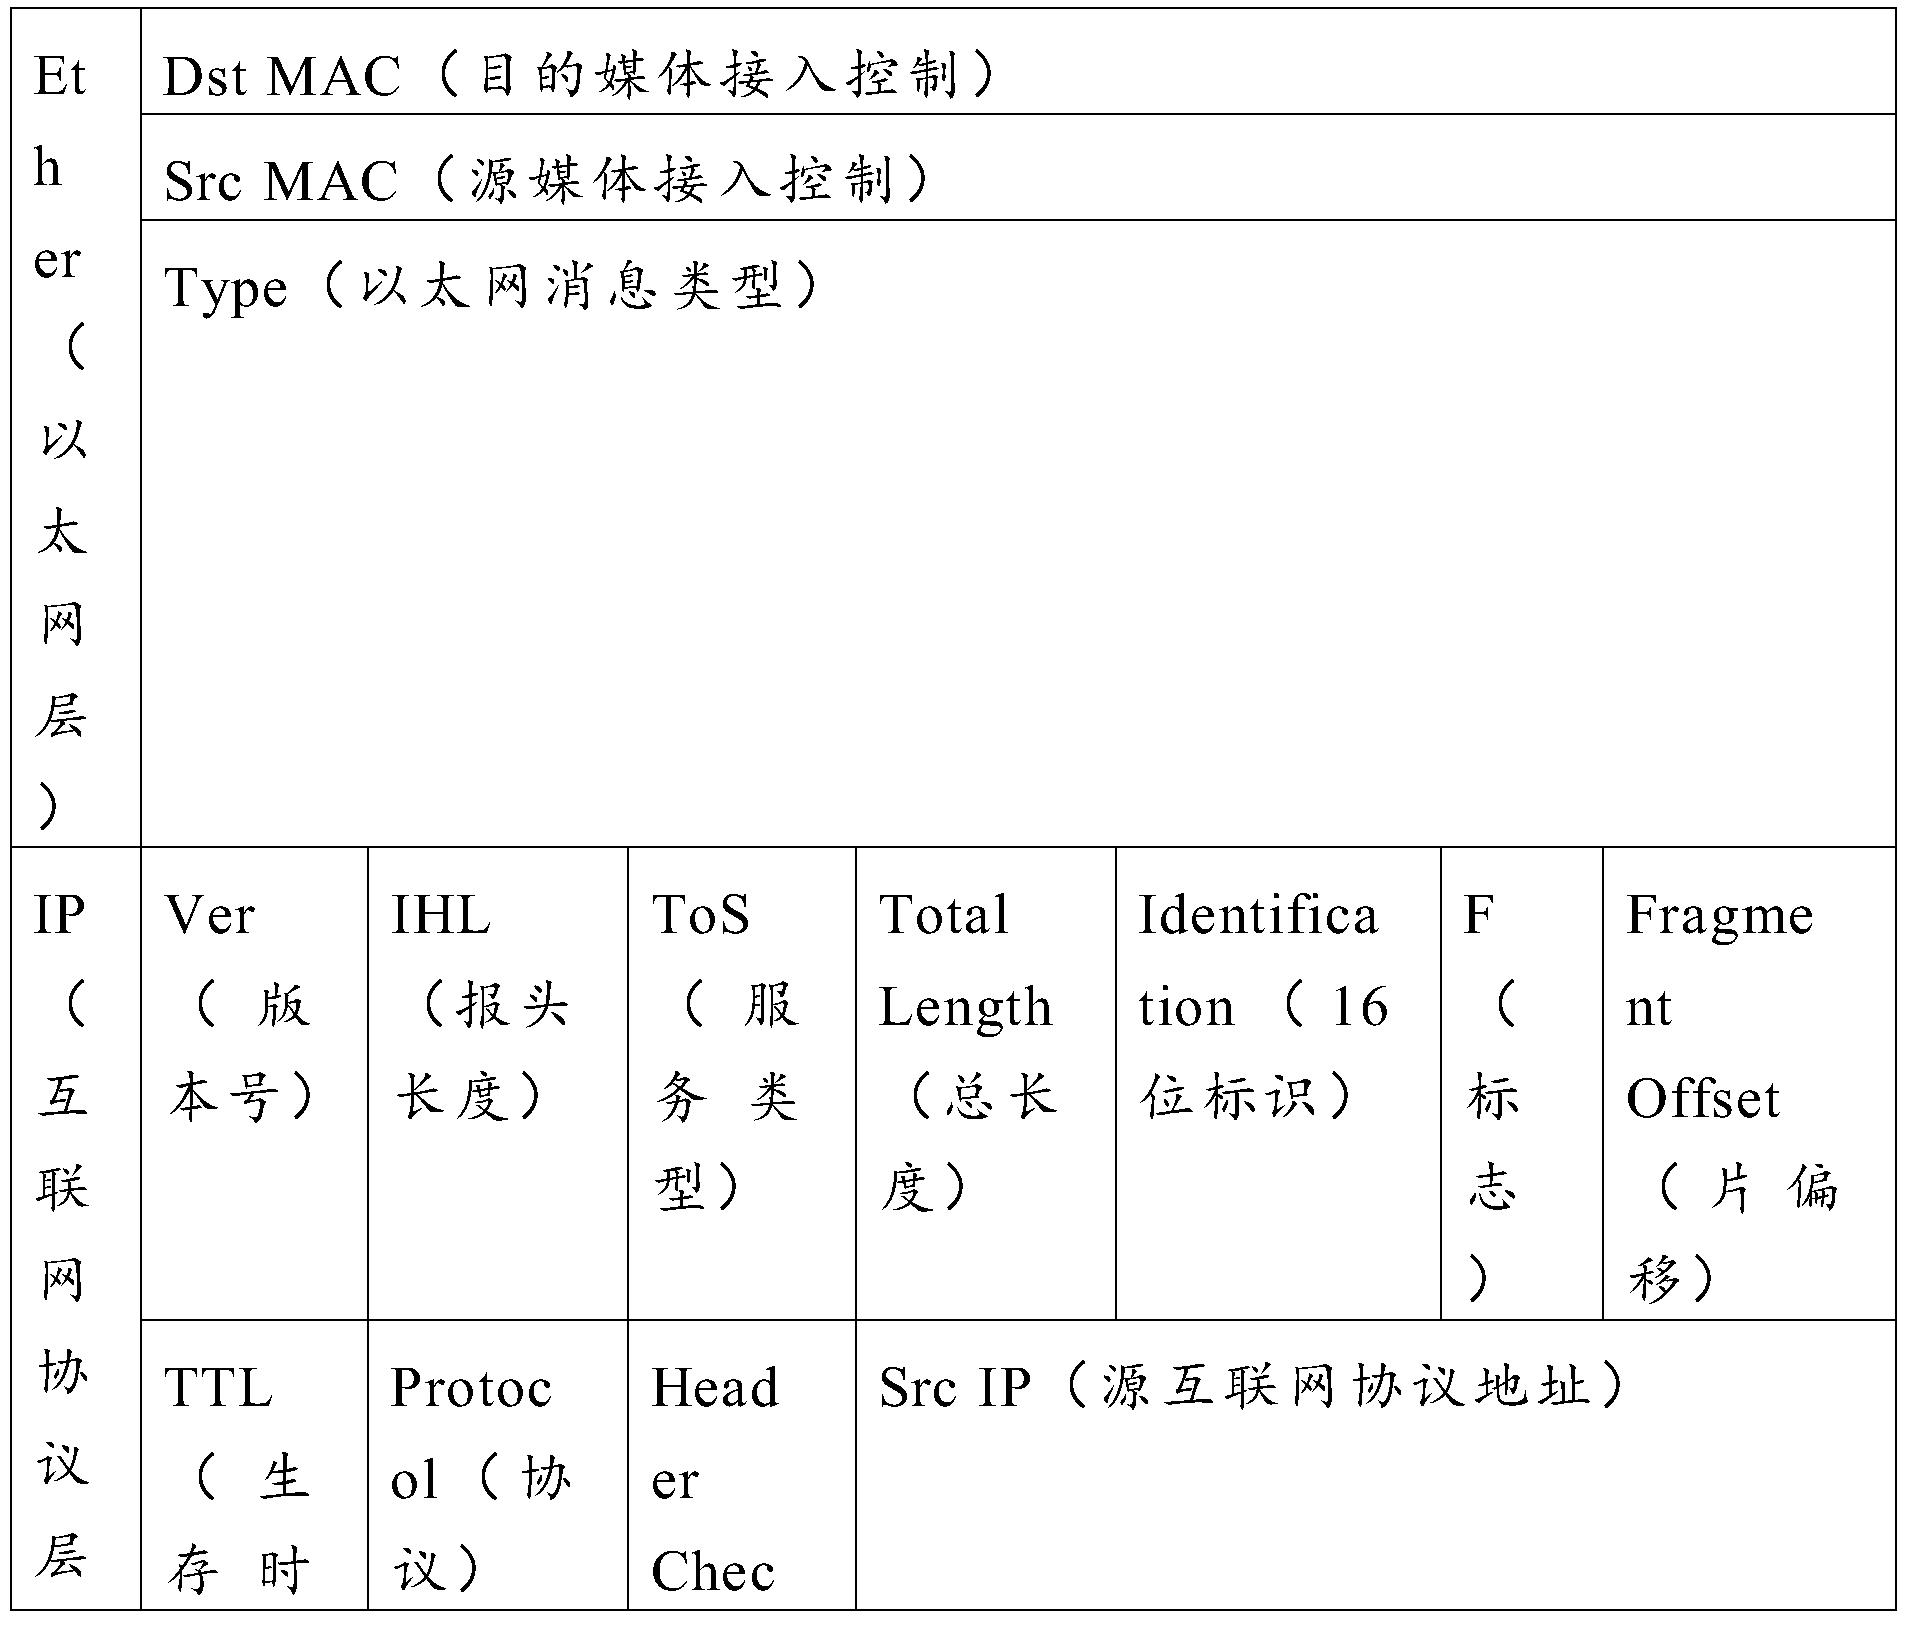 Figure PCTCN2014094694-appb-000003